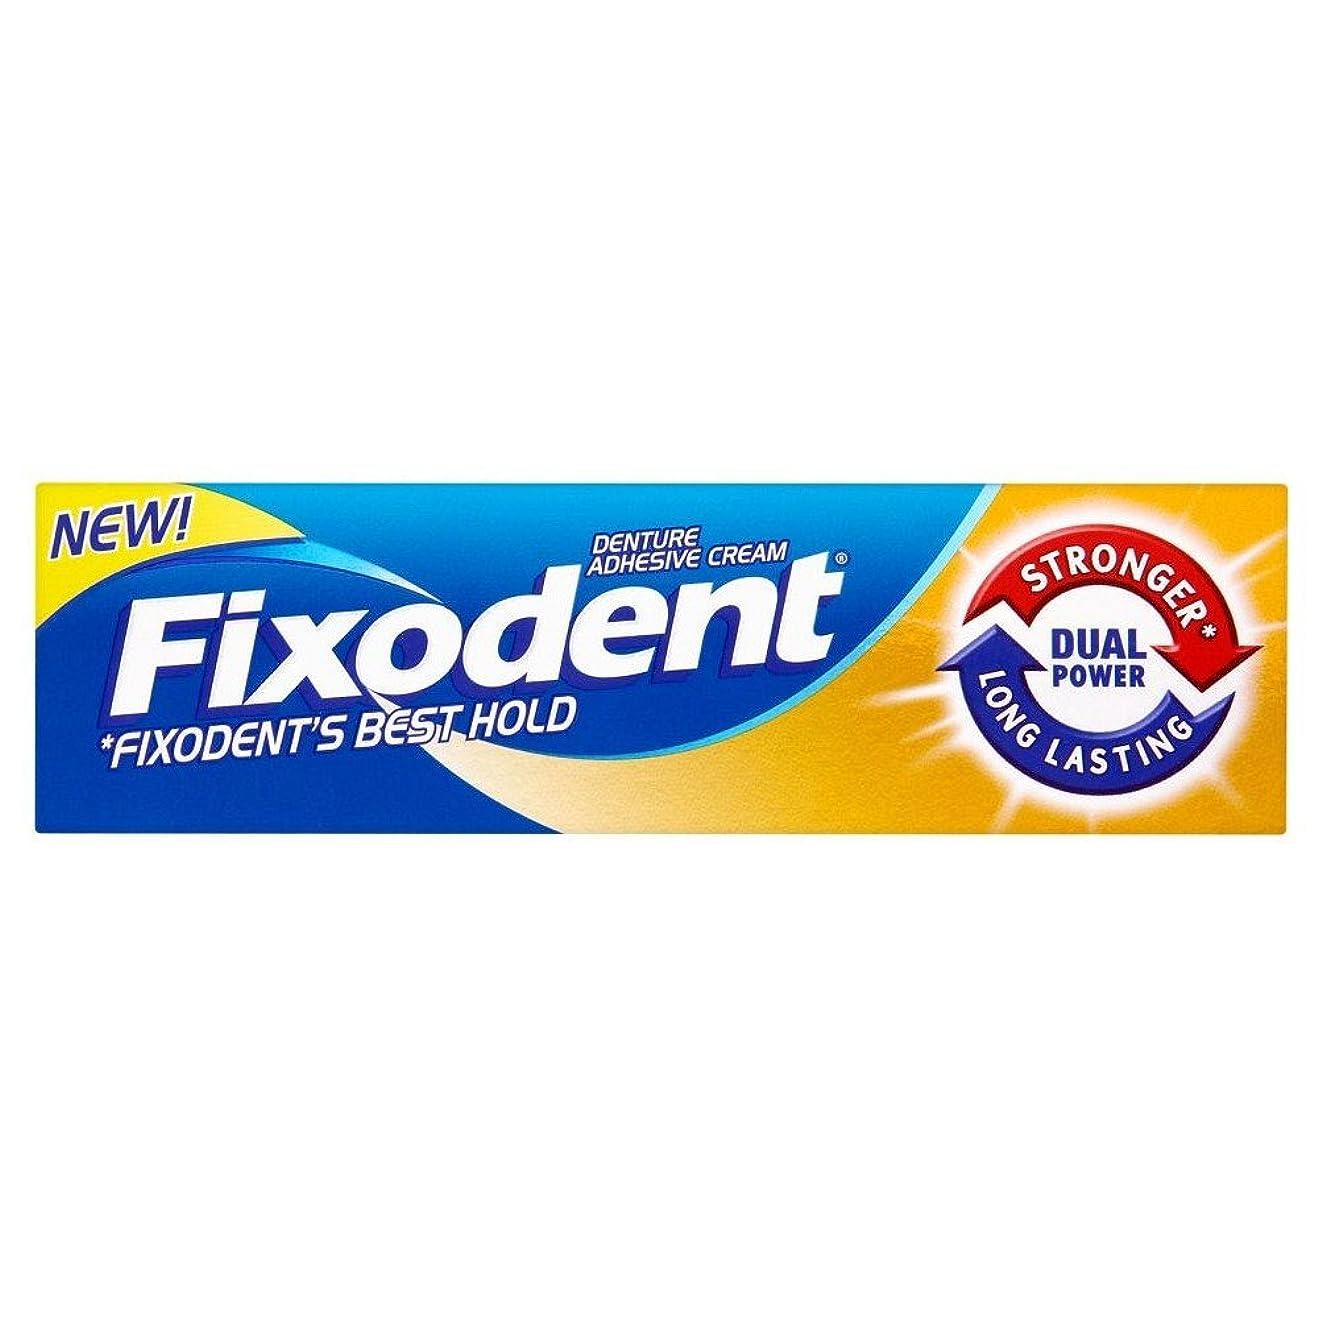 閉じる精査する水差しFixodent Denture Adhesive Cream Dual Power (35ml) Fixodent義歯接着剤クリームデュアルパワー( 35ミリリットル) [並行輸入品]